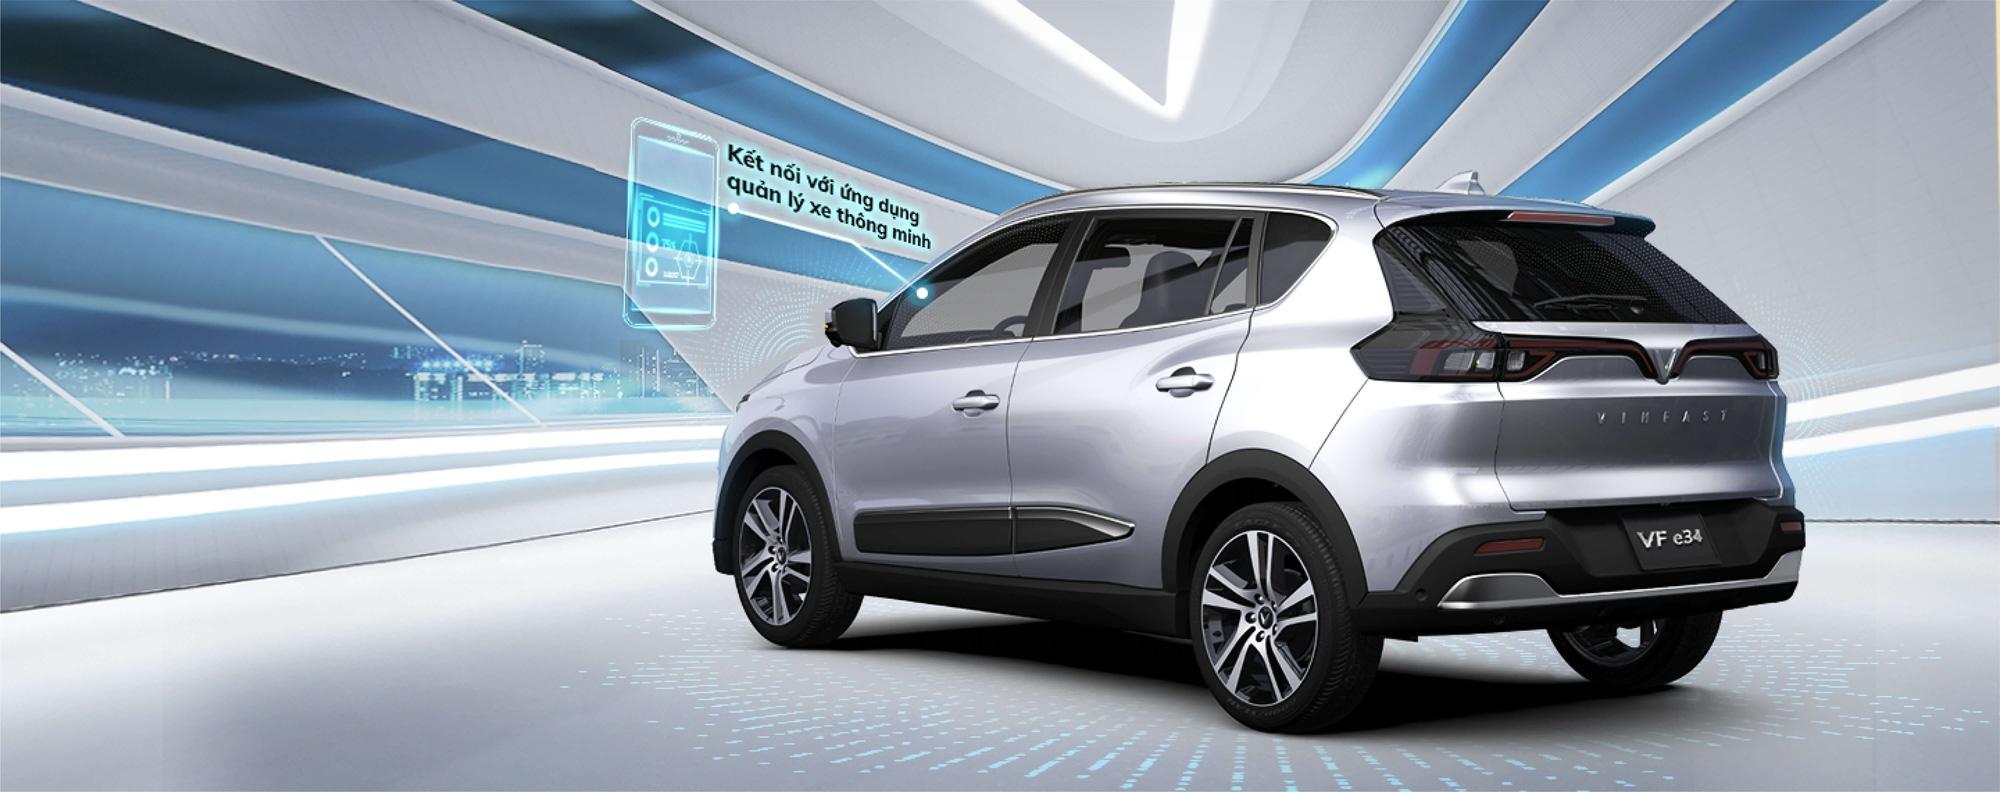 3 ưu điểm an toàn vượt xe xăng của ô tô điện VF34 - Ảnh 2.